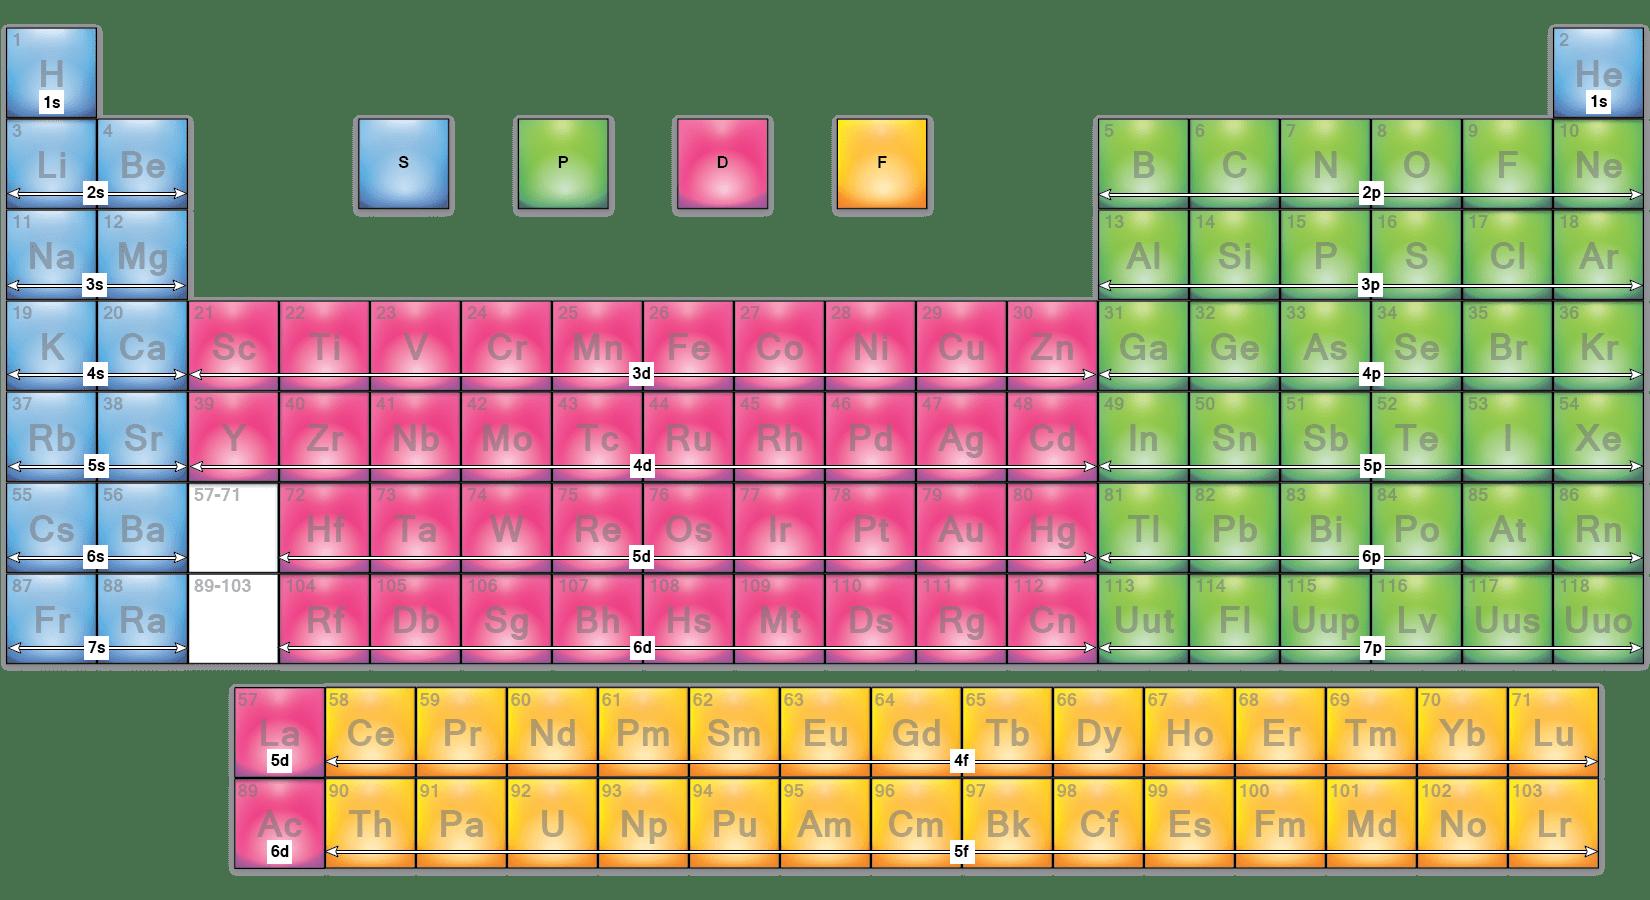 Periodic Table Orbitals Spd